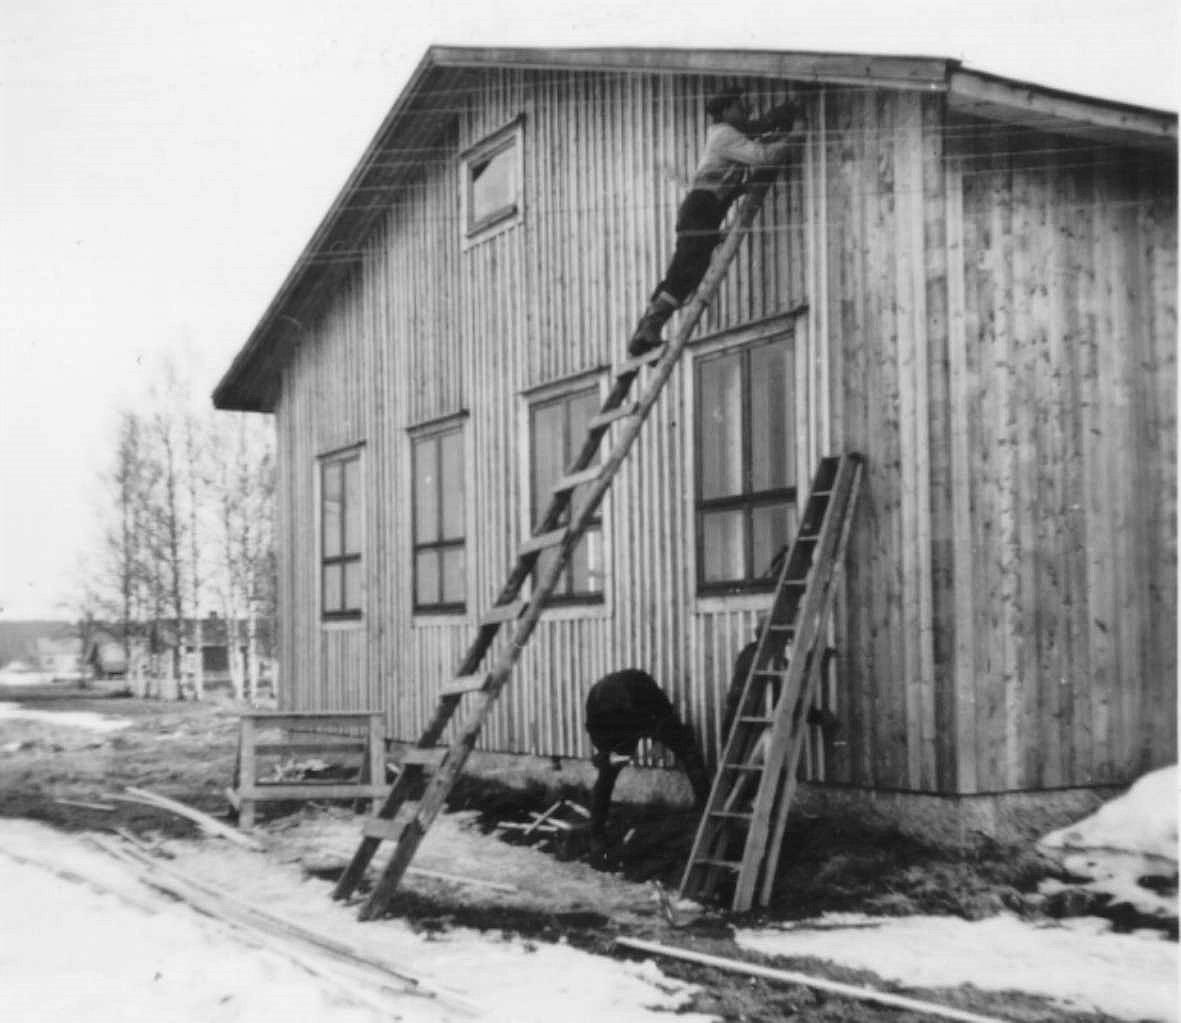 """Gaveln till serveringsrummet """"ribbas"""" , alltså ribbor spikas ovanpå brädfodringen. Klemets Erik Anders gård syns till vänster och riktigt långt bort står Åke Backlunds gård på A-sidon."""